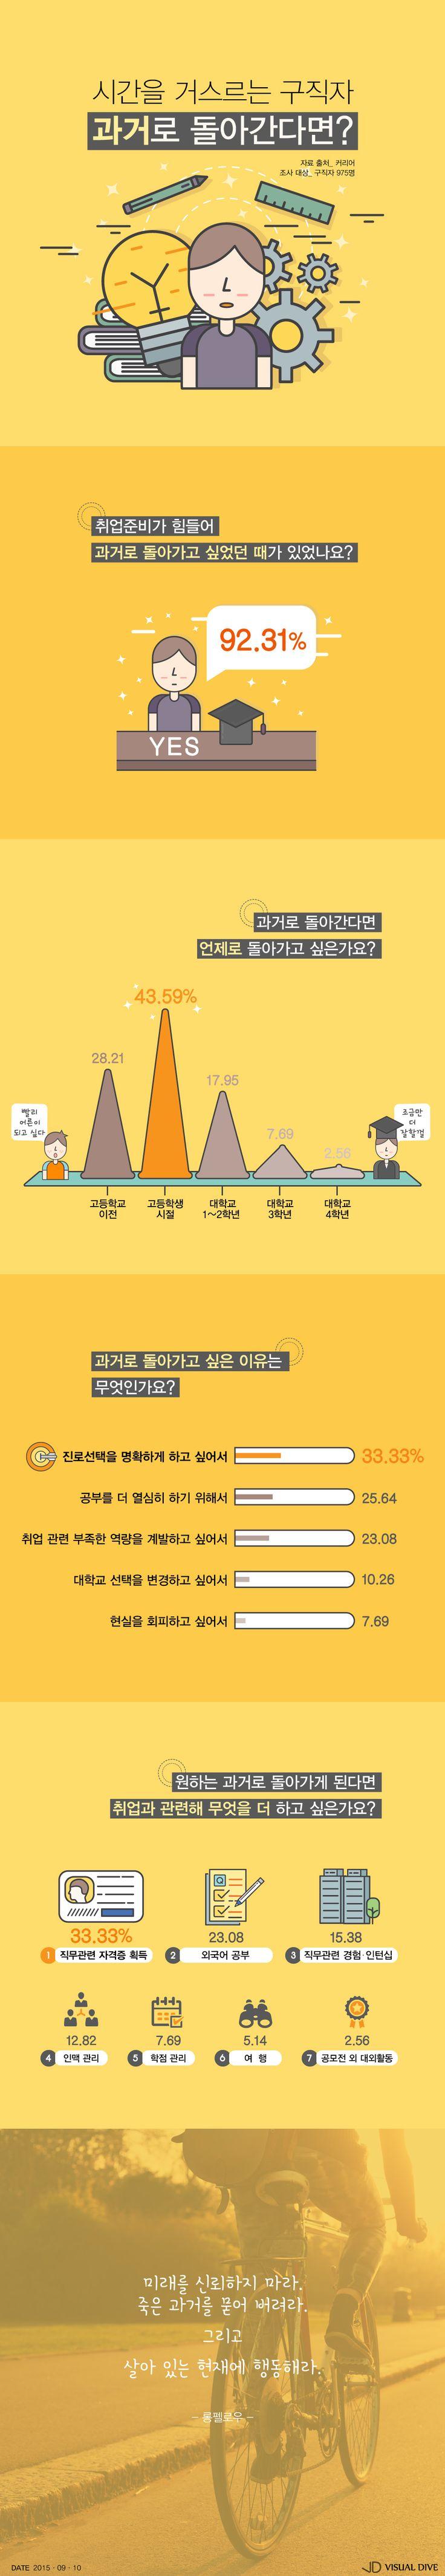 """구직자 10명 중 9명 """"나 고등학생으로 돌아갈래~"""" [인포그래픽] #Highschool / #Infographic ⓒ 비주얼다이브 무단 복사·전재·재배포 금지"""